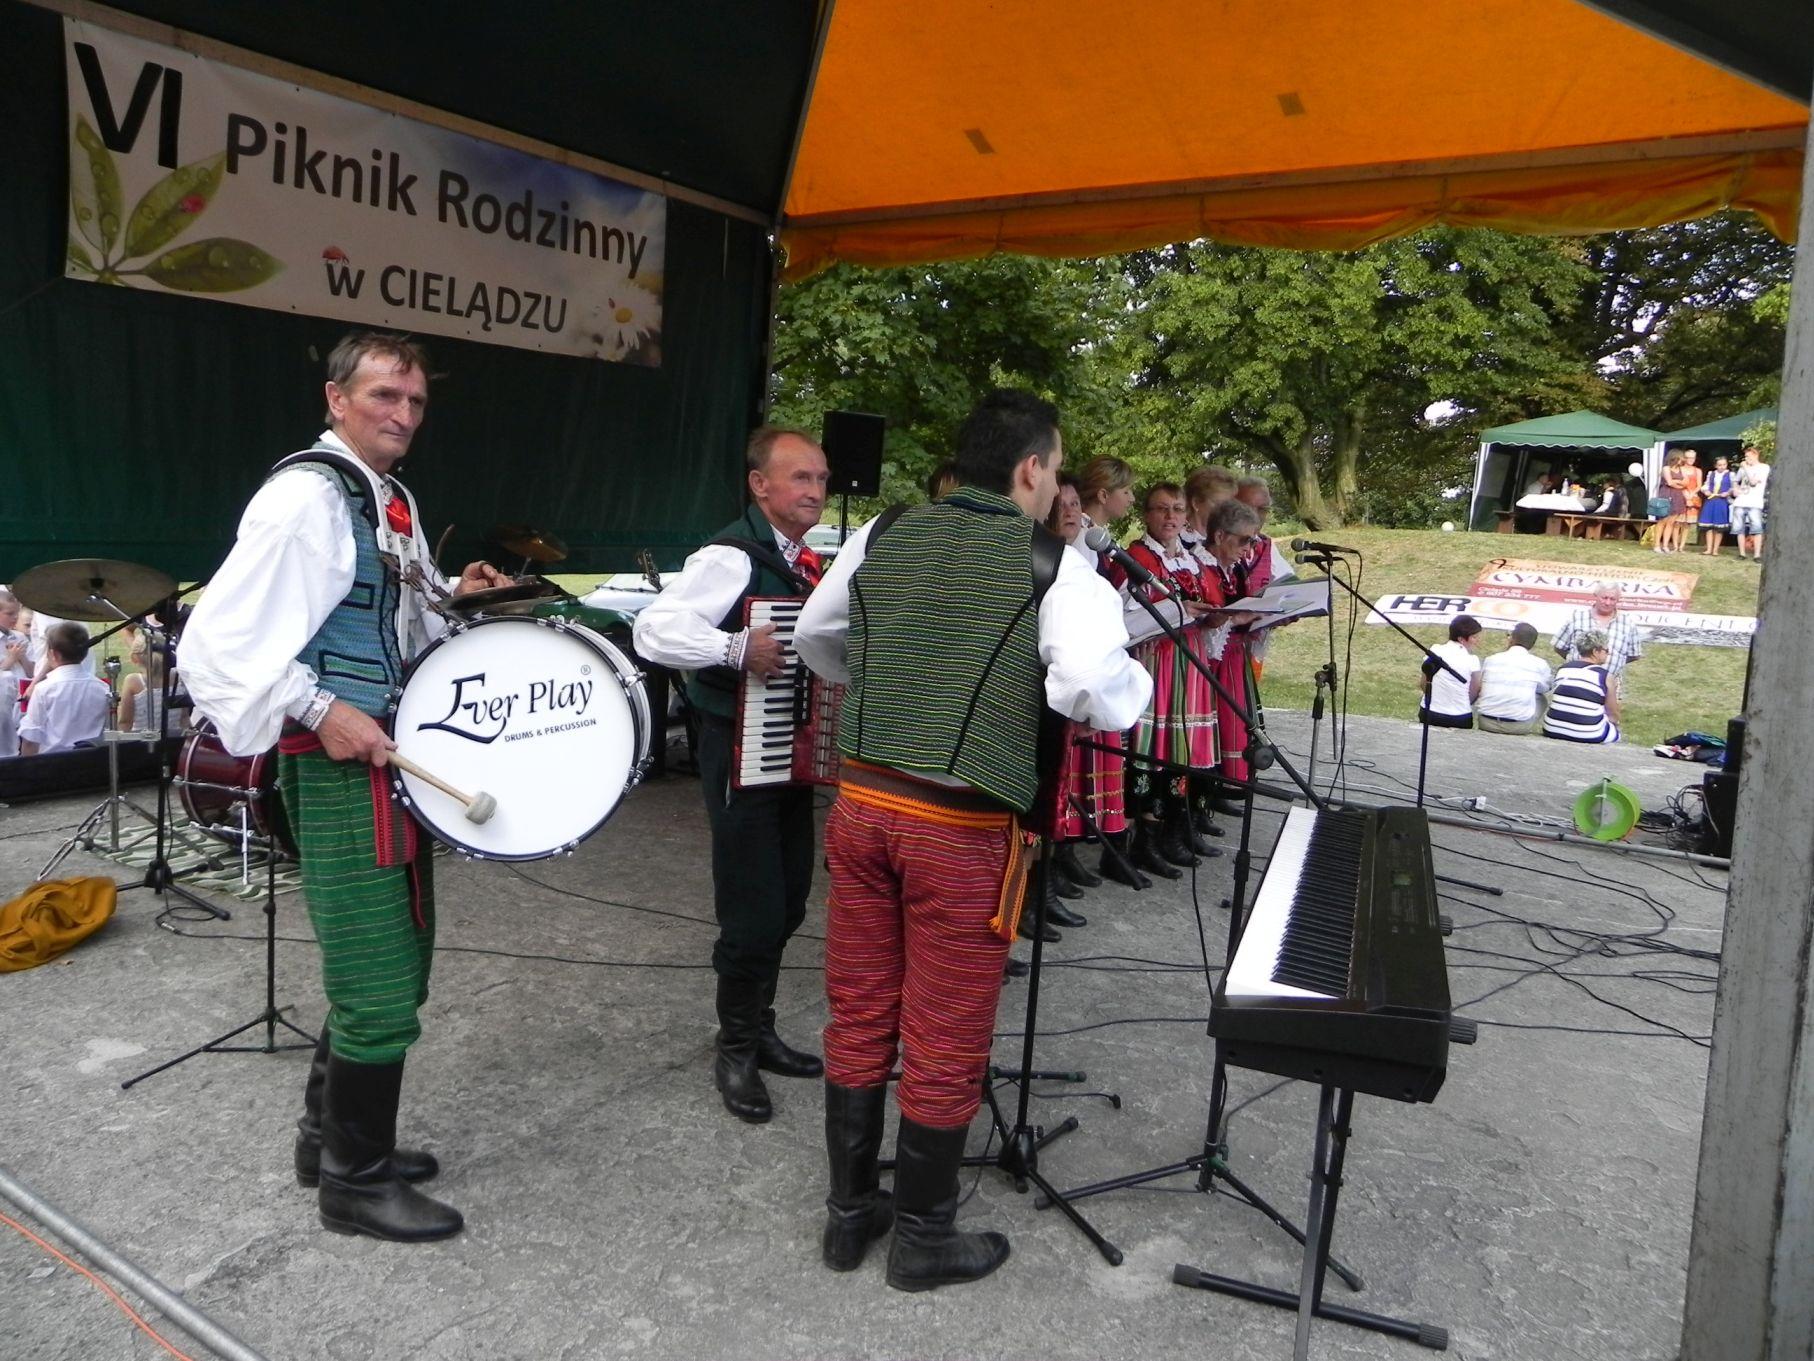 2013-08-18 Cielądz piknik (20)